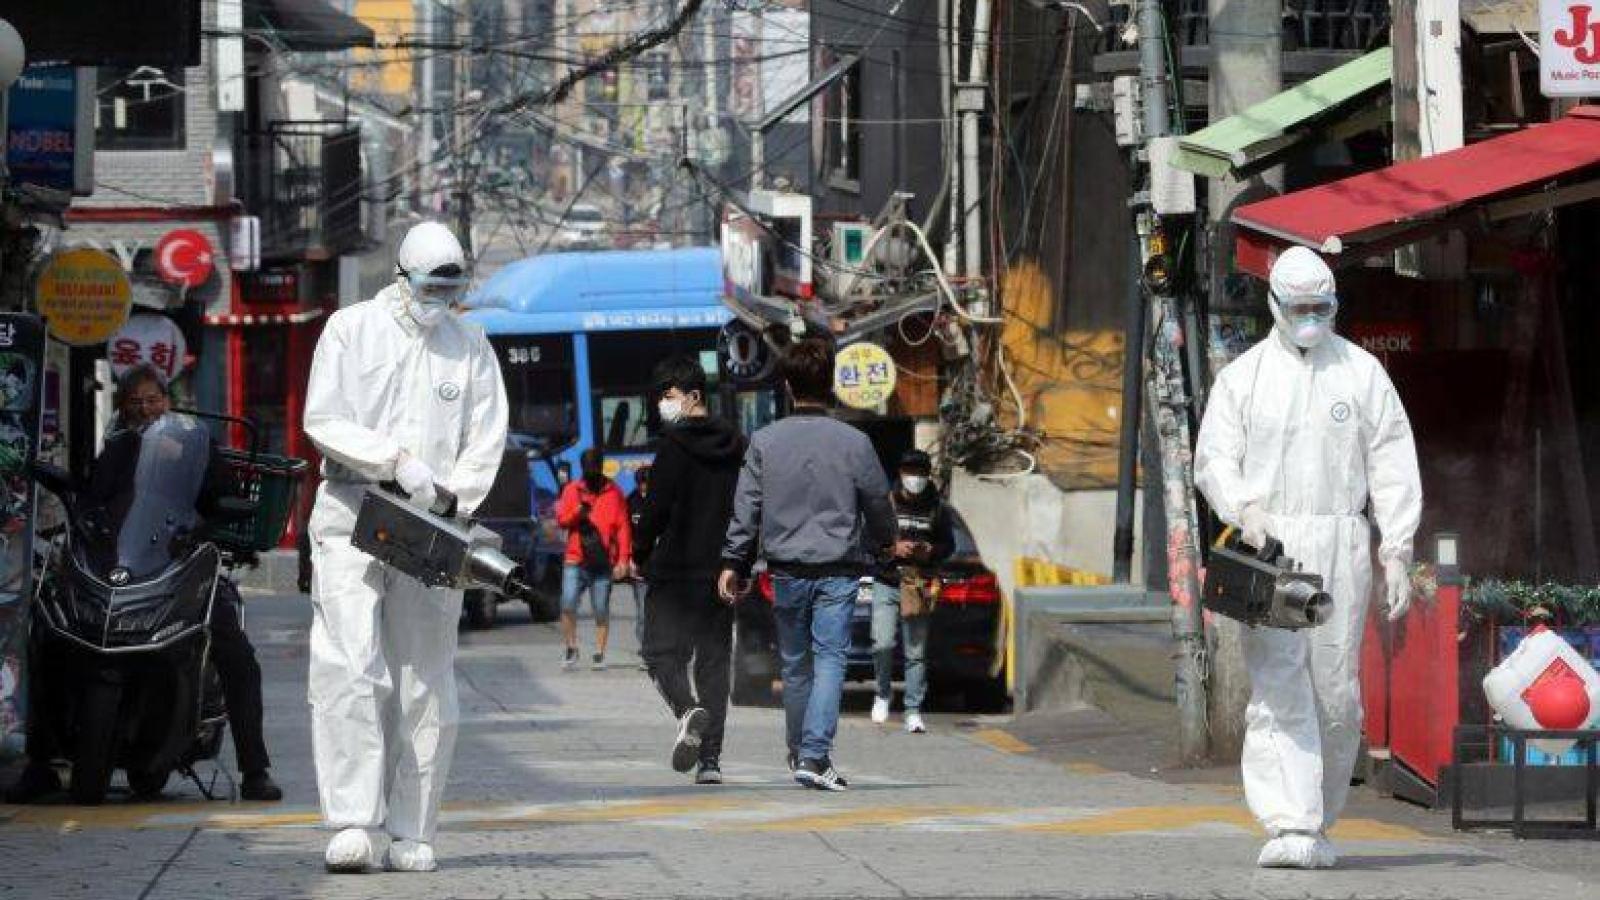 Kỳ thị người đồng tính cản trở việc kiểm soát Covid-19 tại Hàn Quốc